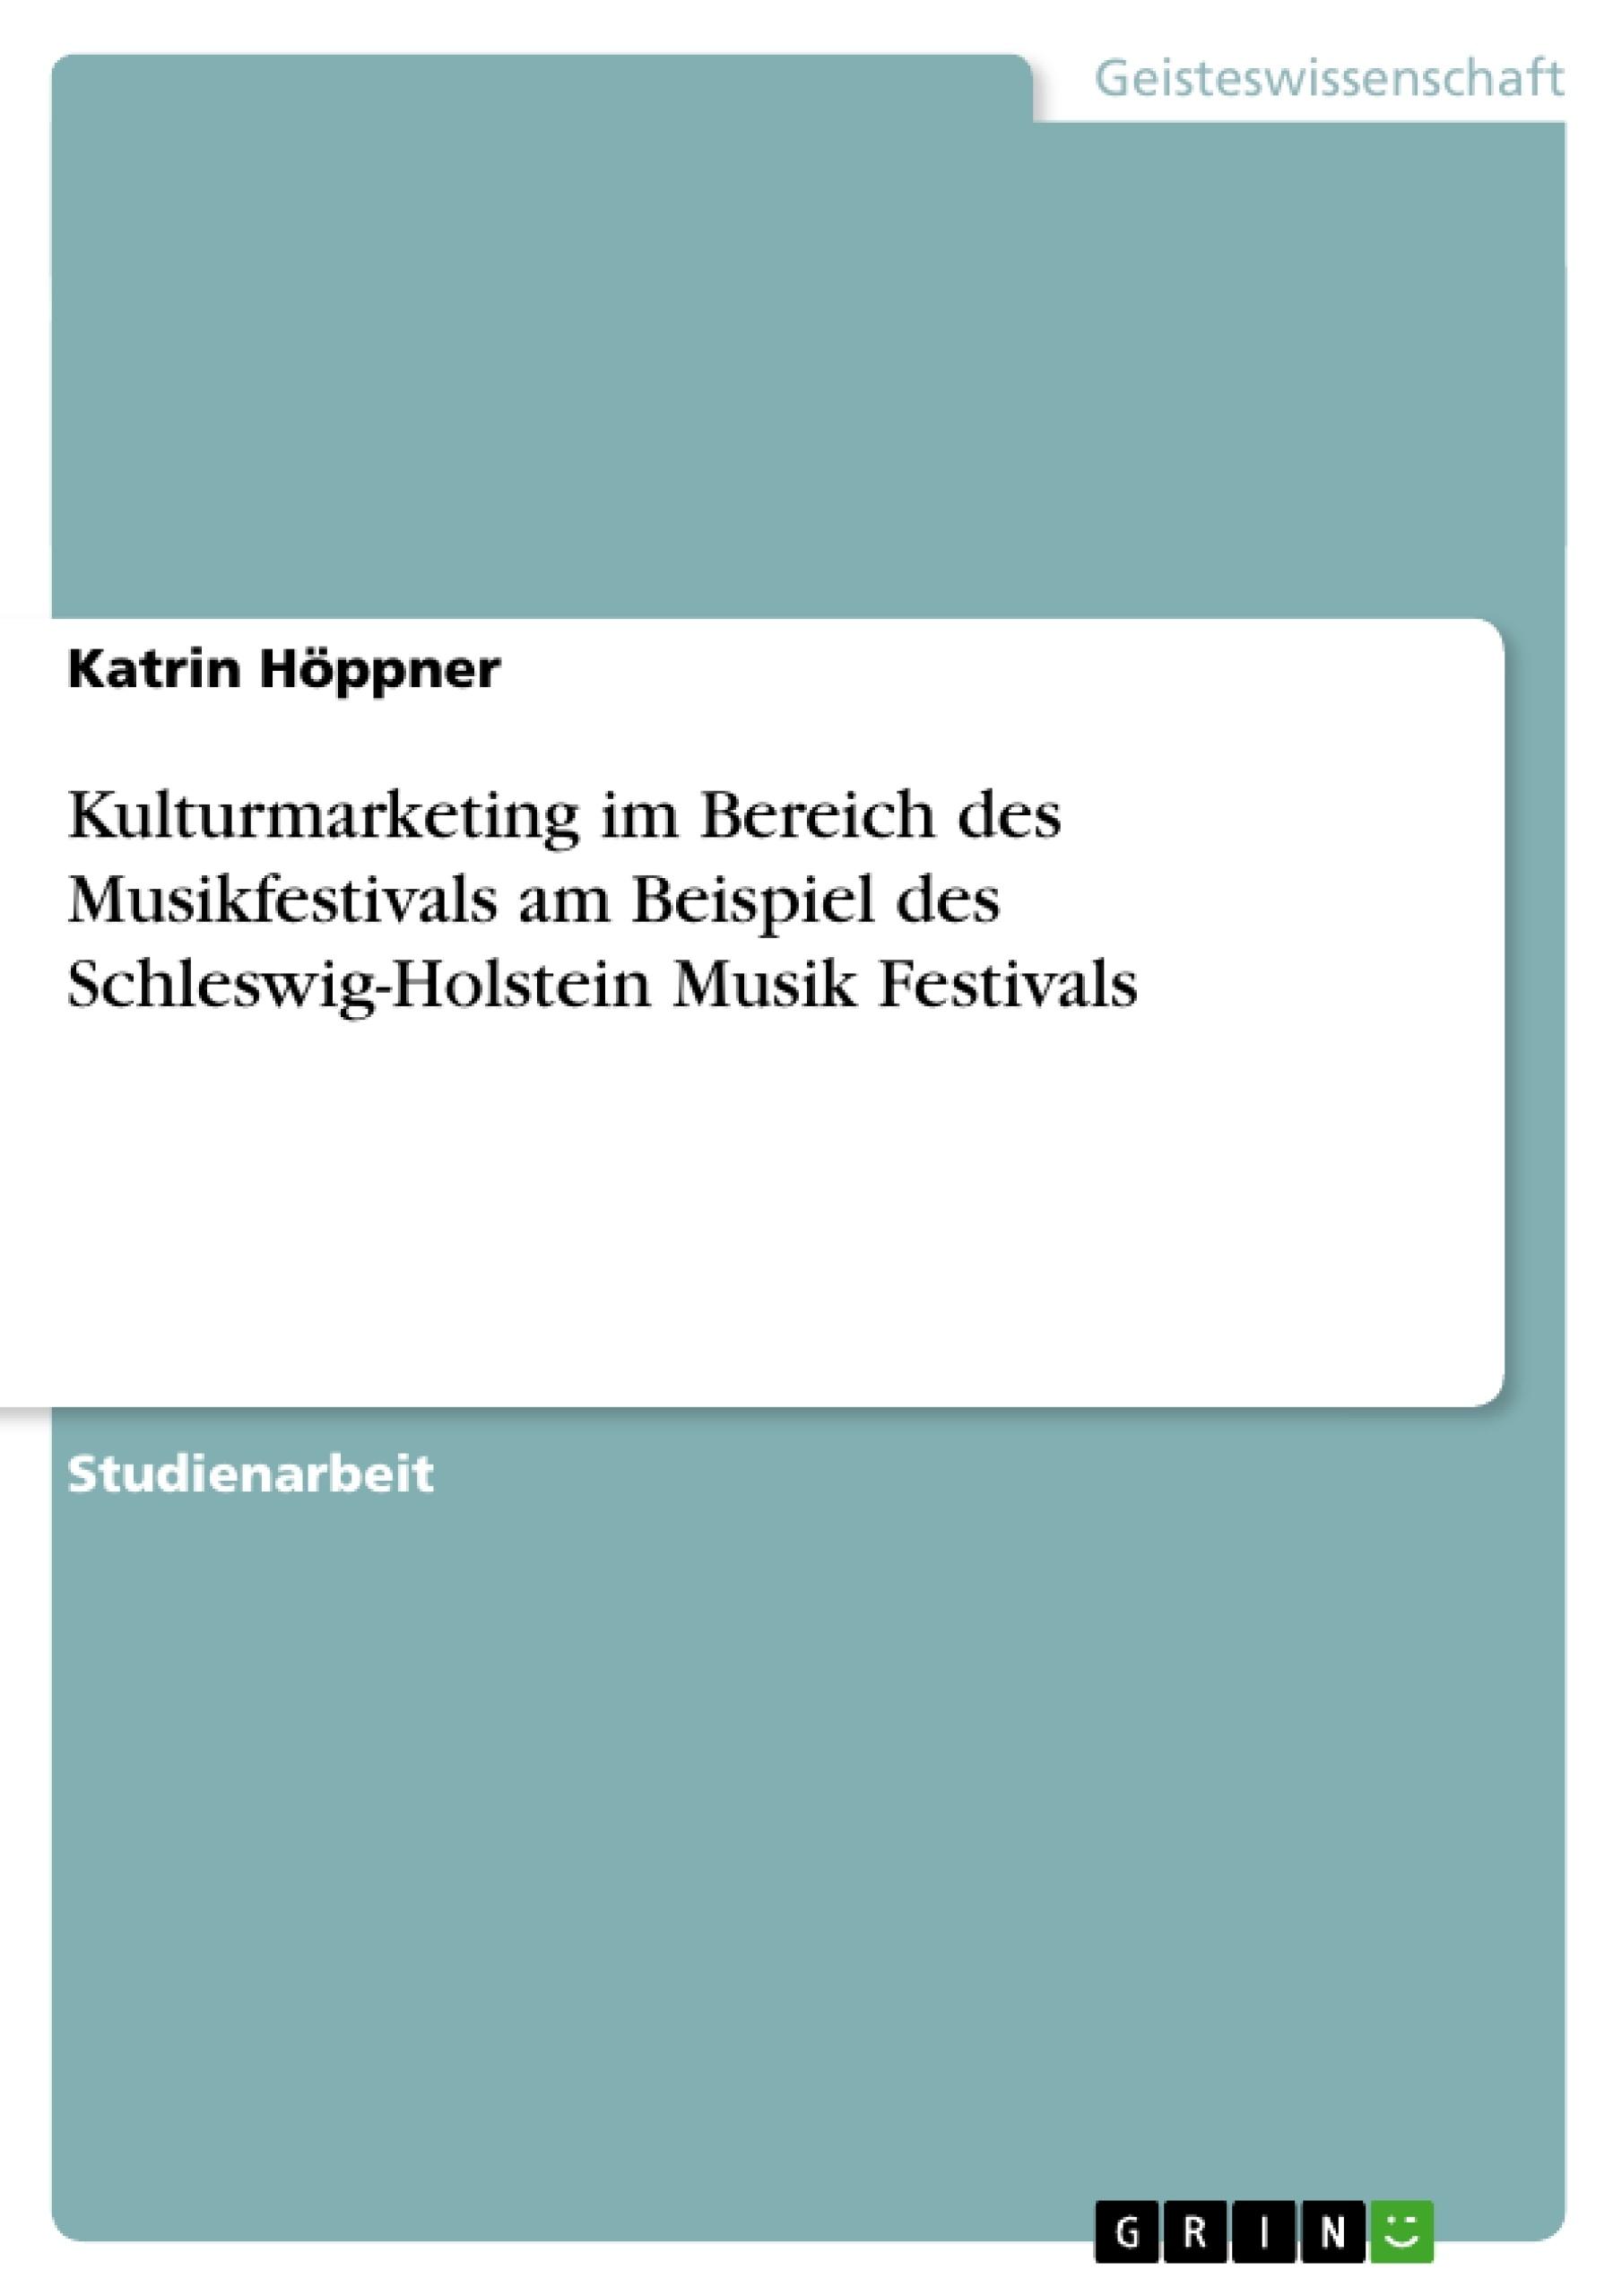 Titel: Kulturmarketing im Bereich des Musikfestivals am Beispiel des Schleswig-Holstein Musik Festivals